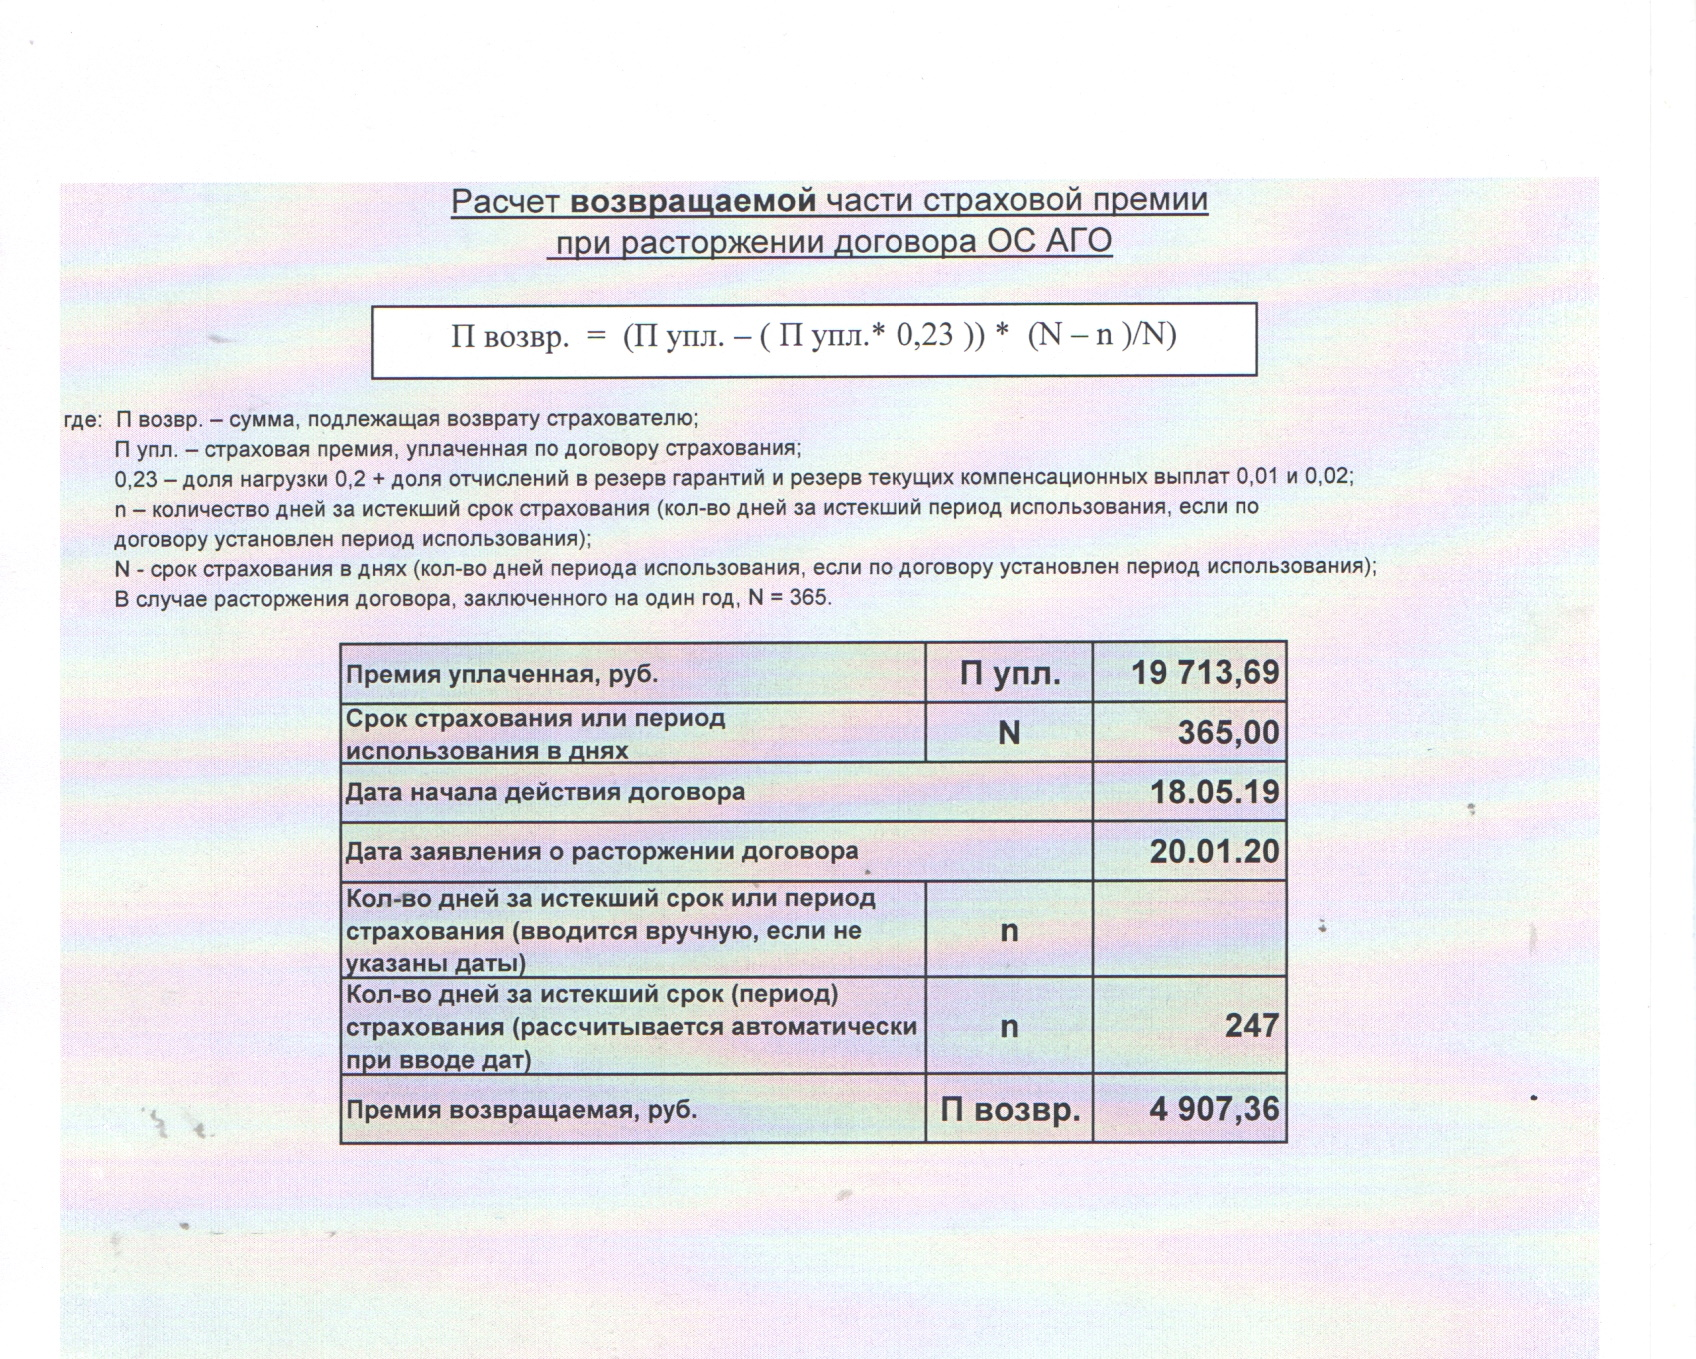 Формула возврата части страховой премии ОСАГО